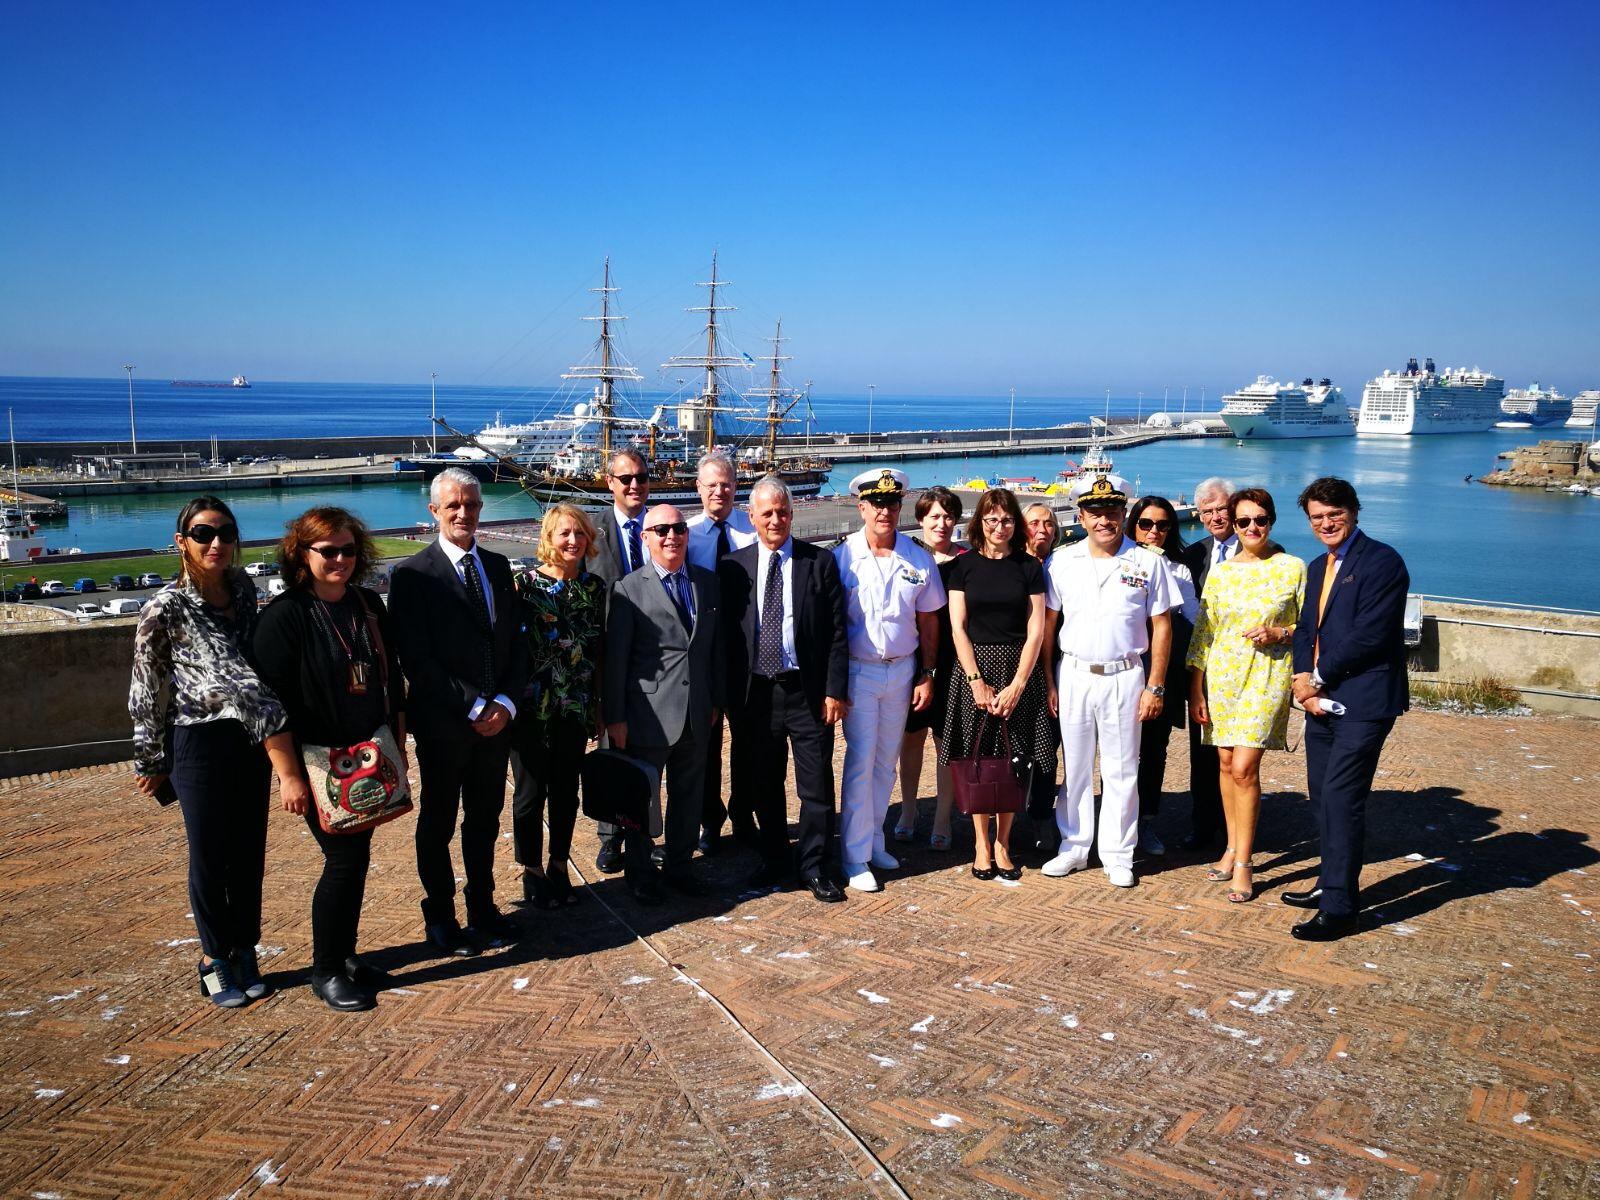 La delegazione del tribunale francese di Laval visita il porto di Traiano